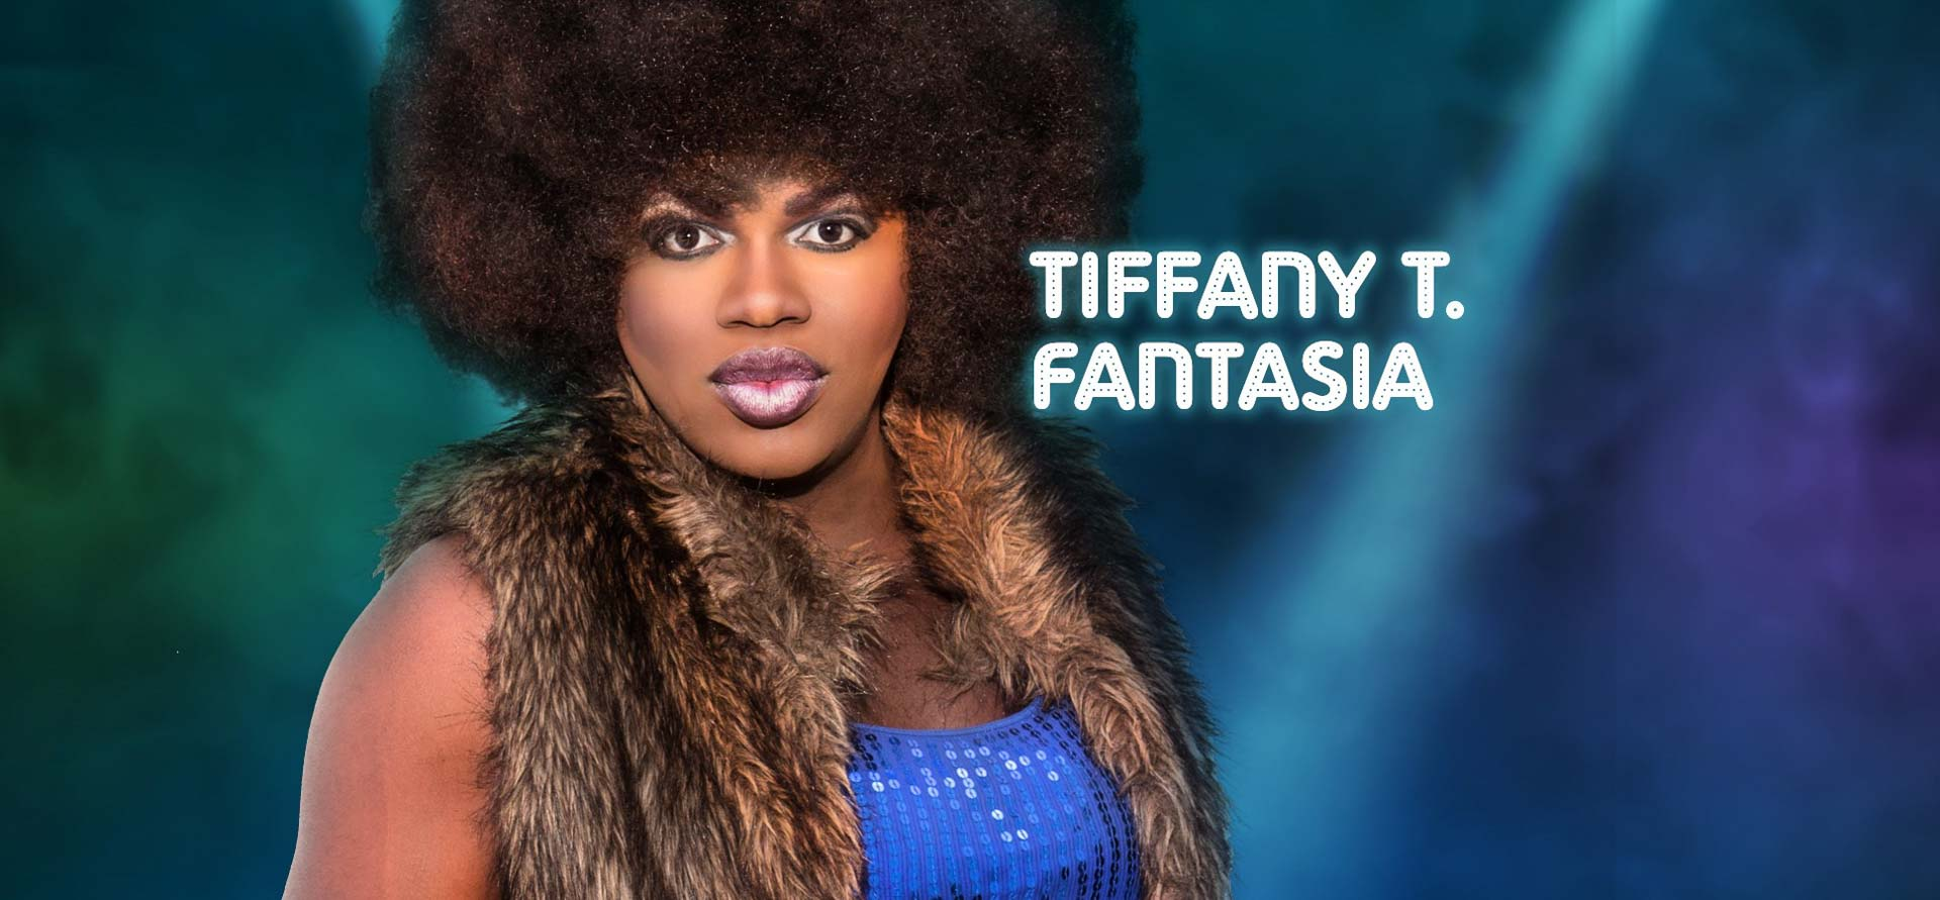 Tiffany T. Fantasia